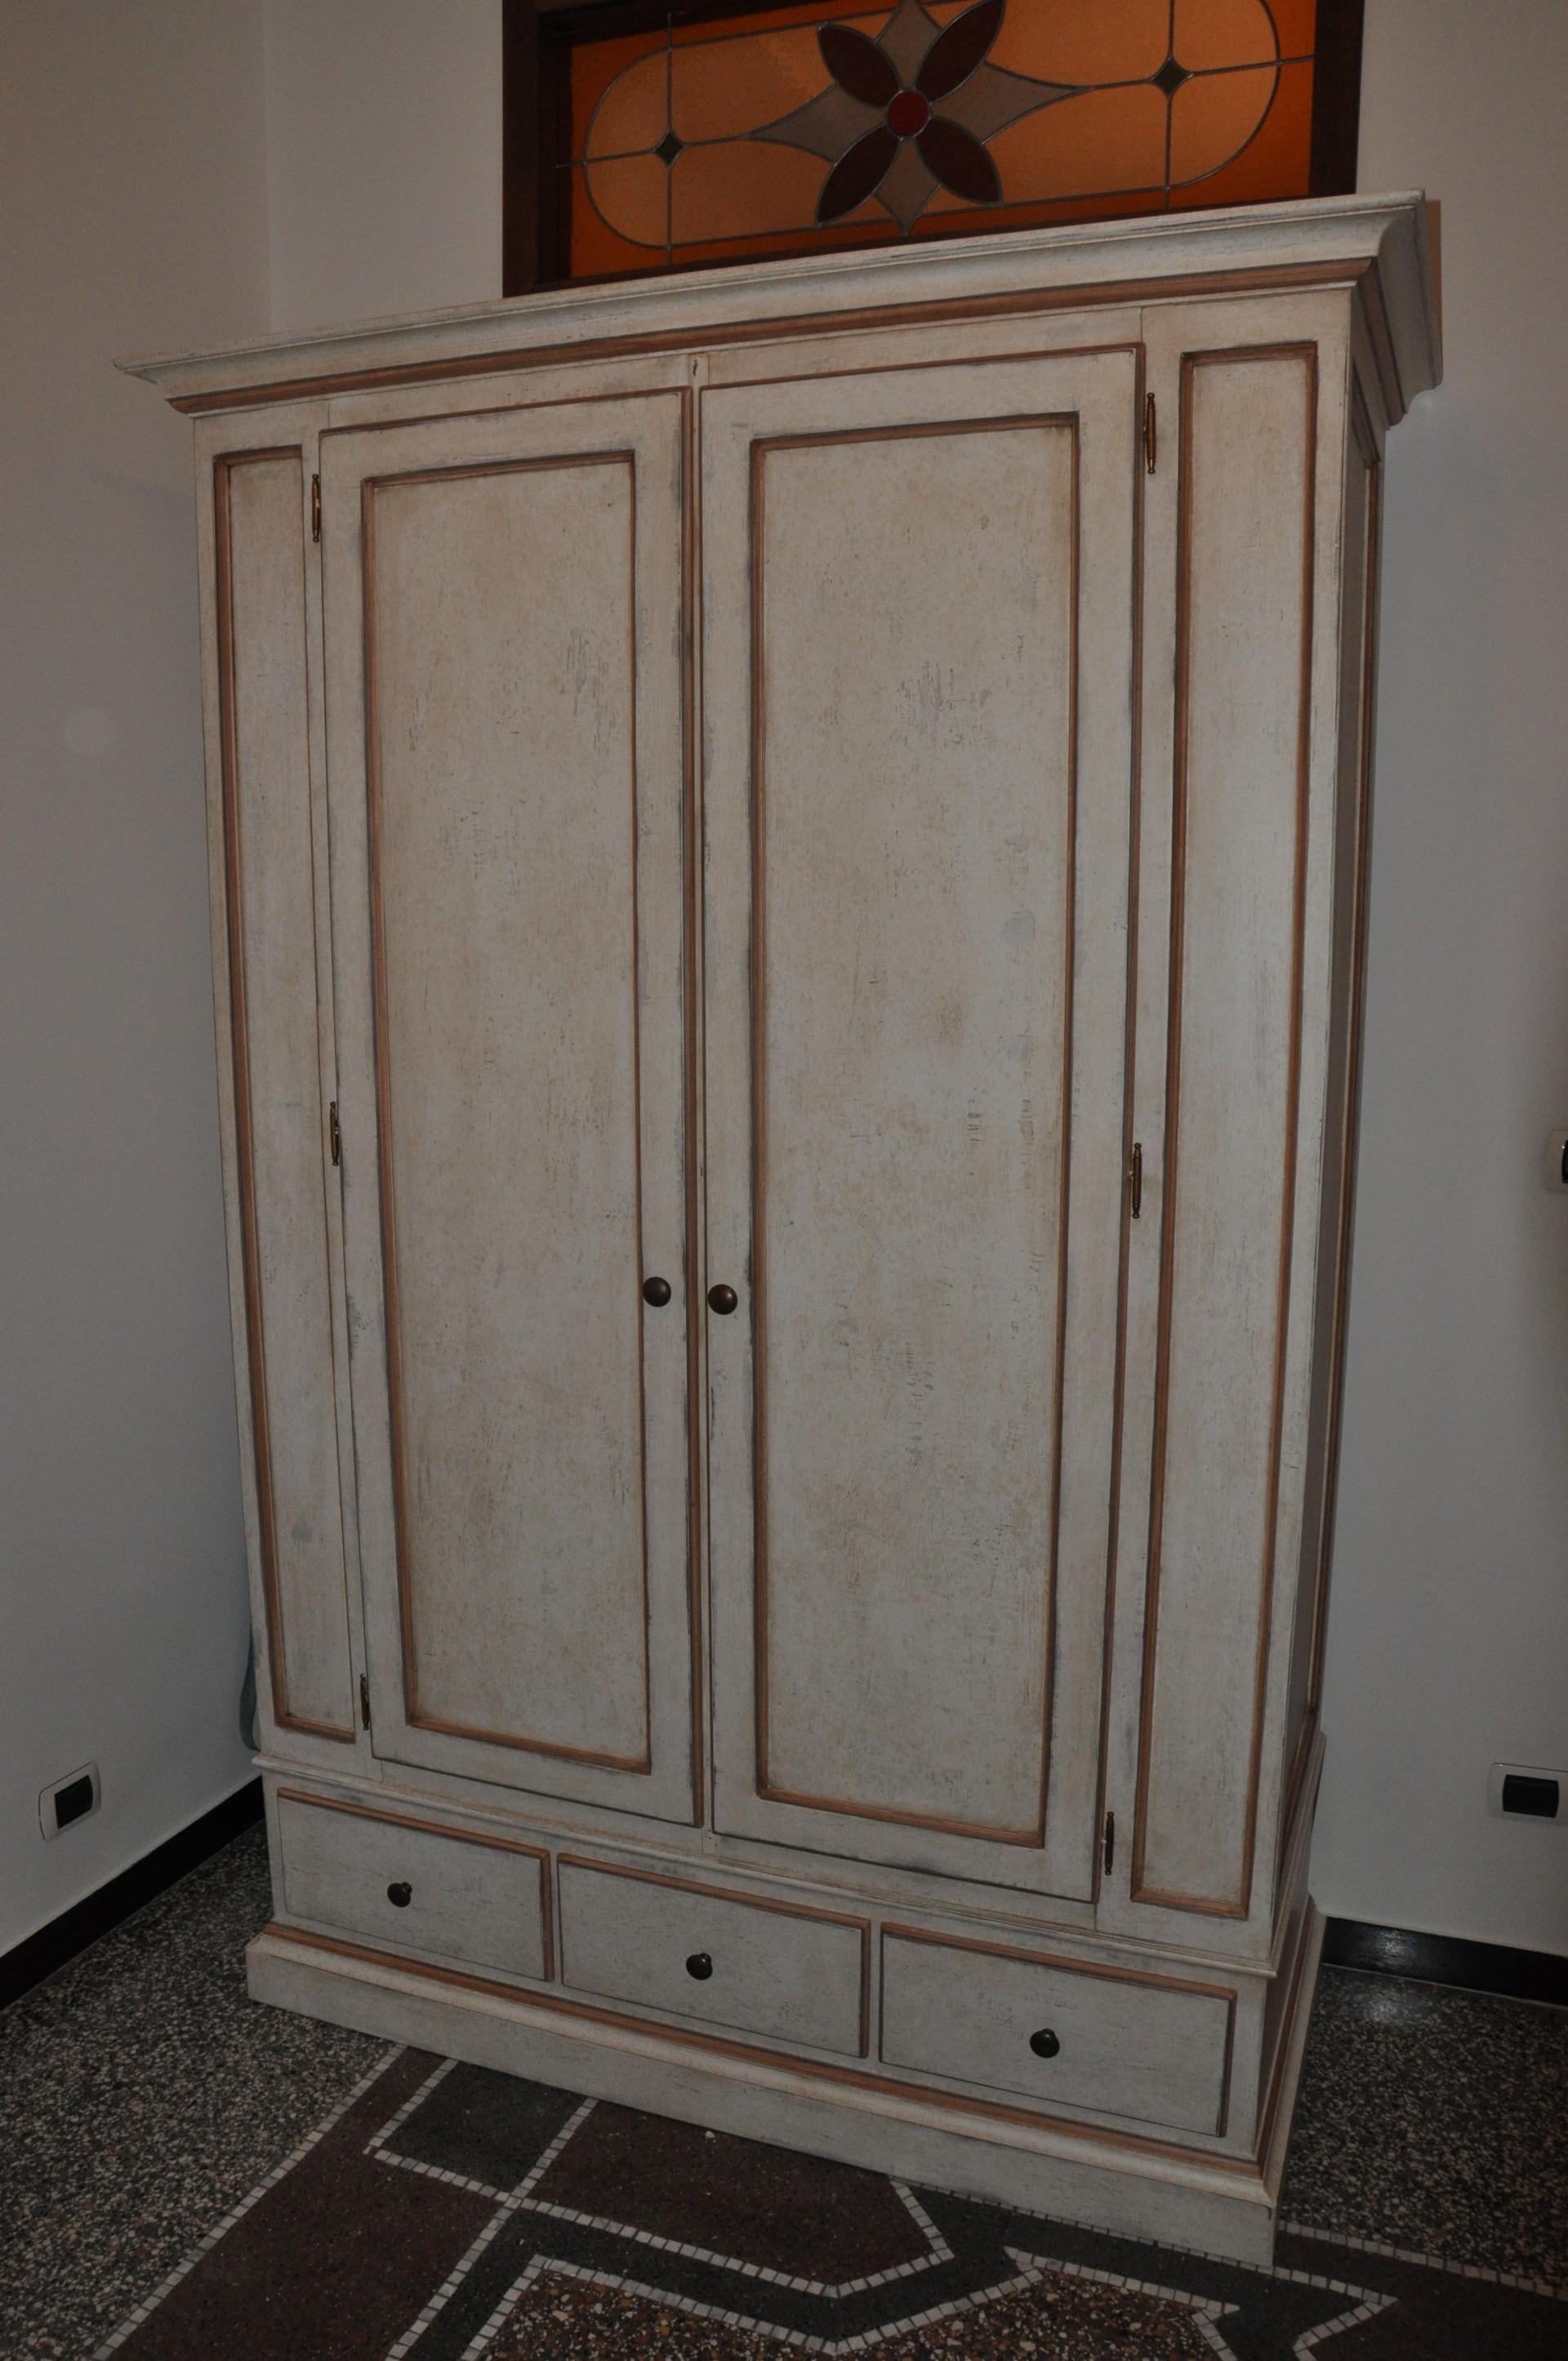 armadietti per esterni in legno: larice naturale.rivestimento in